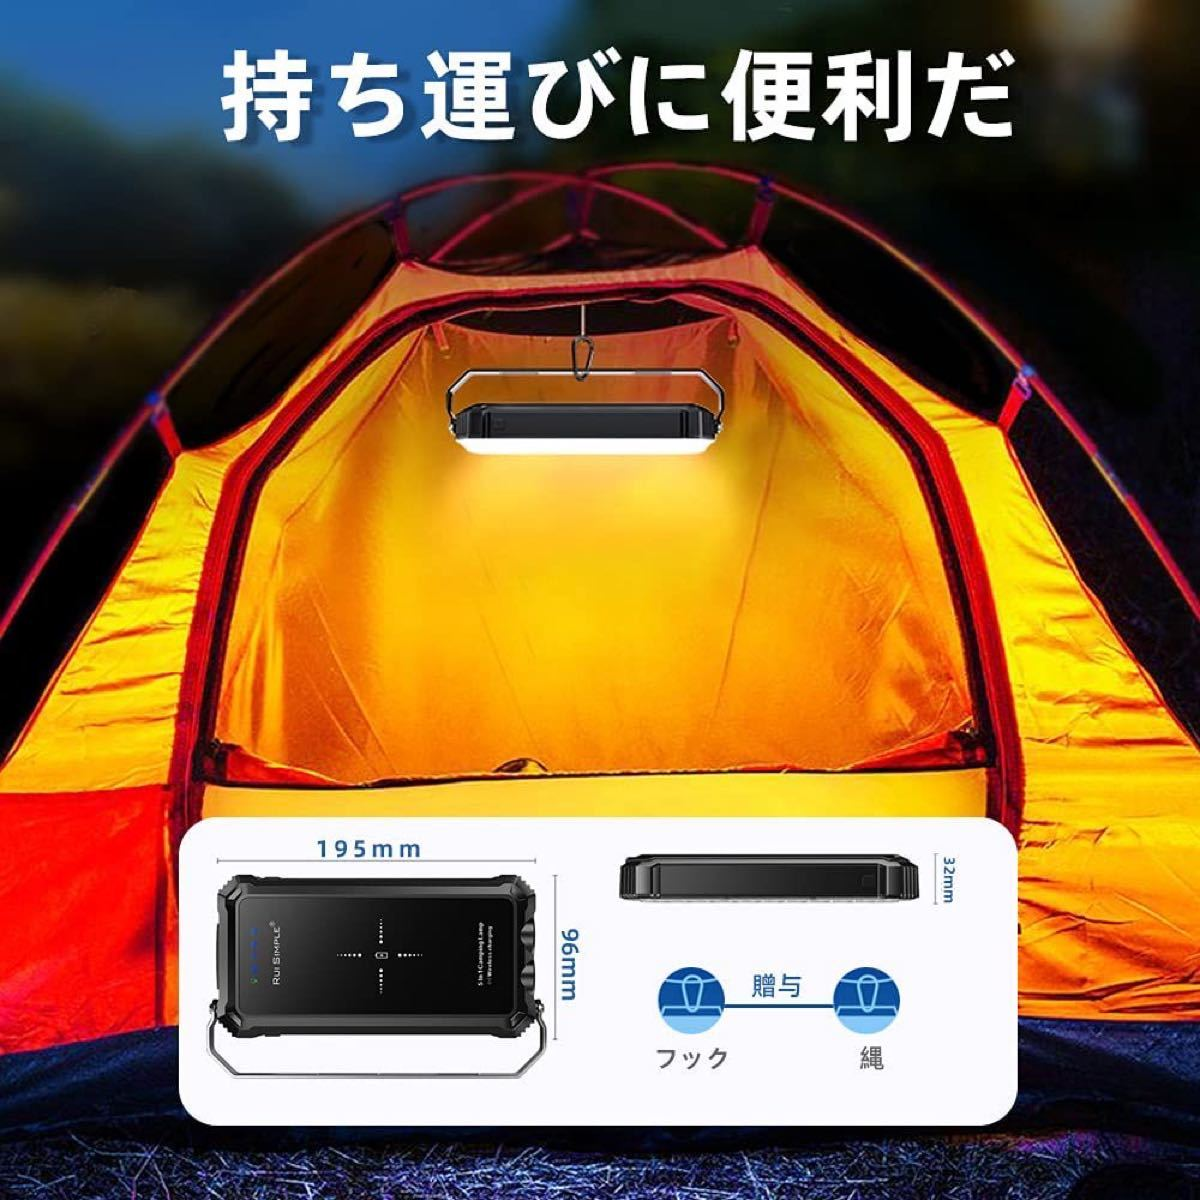 LED ランタン キャンプライト USB充電式 キャンプランタン20000mAh